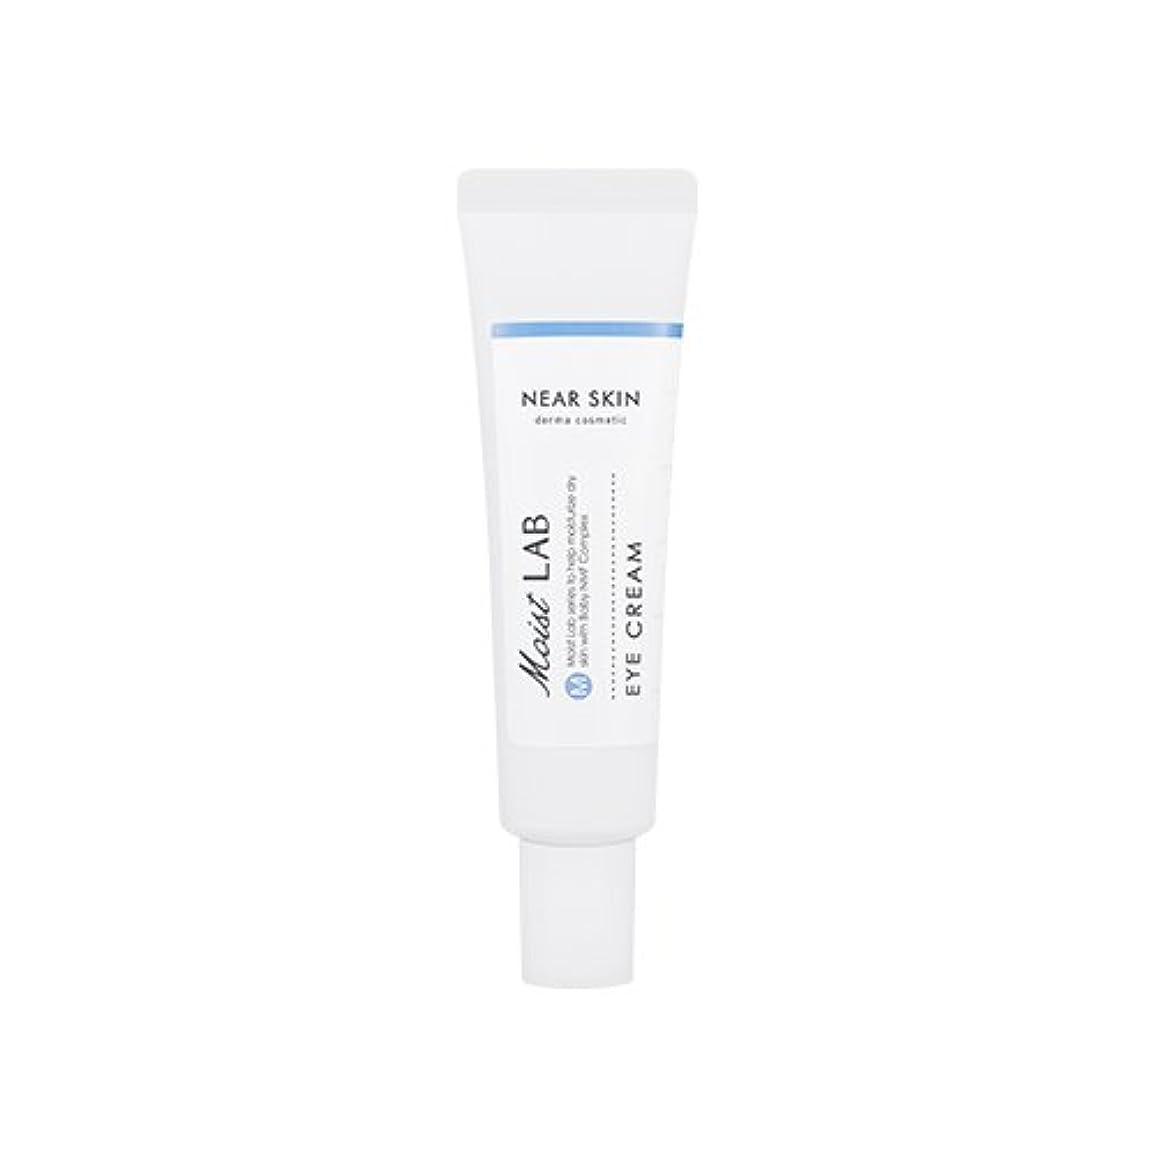 拒絶再現する滅びるMISSHA NEAR SKIN Derma Cosmetic Moist LAB (Eye Cream) / ミシャ ニアスキン ダーマコスメティックモイストラボ アイクリーム 30ml [並行輸入品]